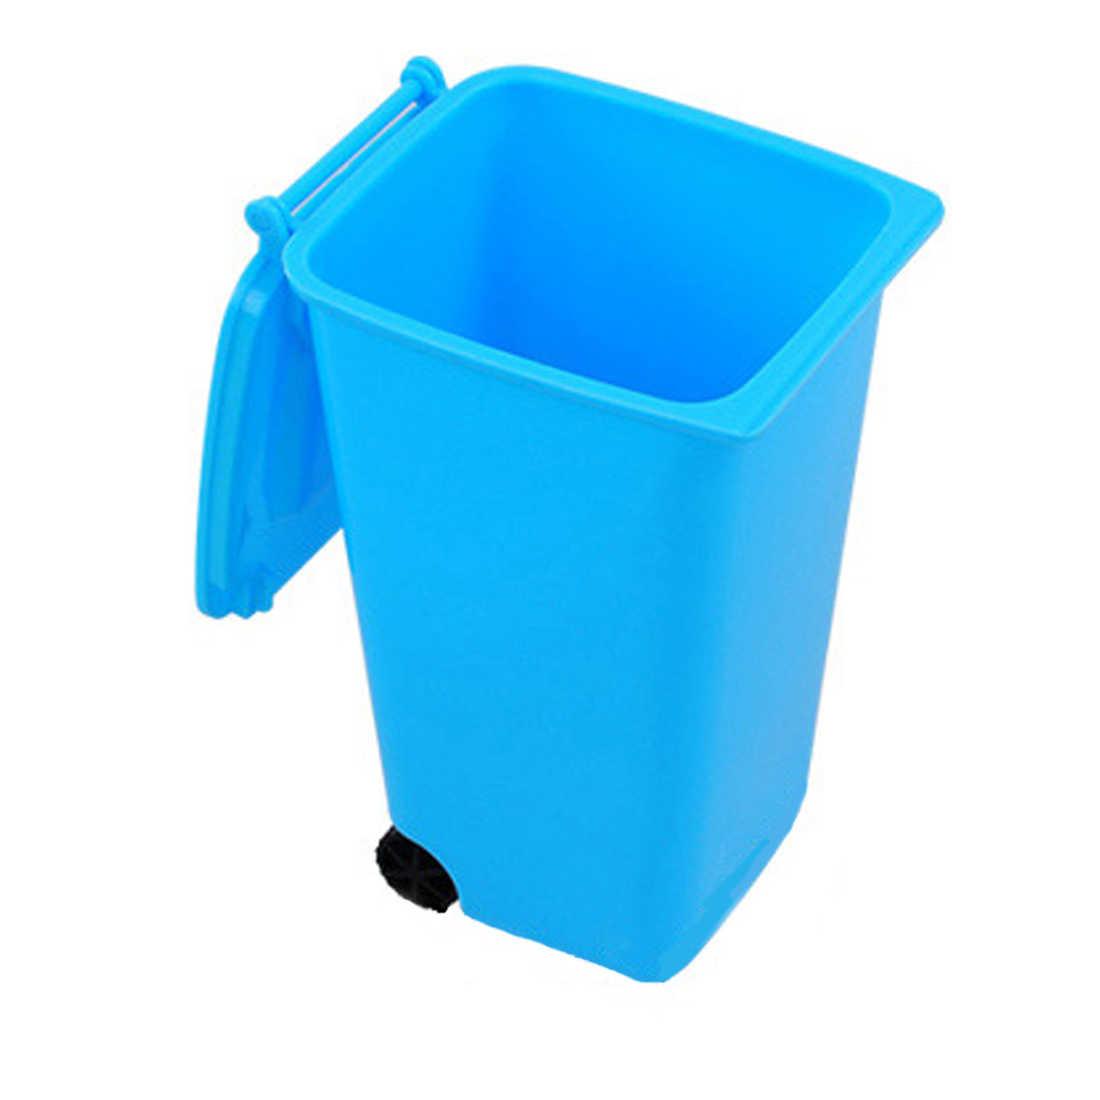 Offre spéciale poubelle colorée | Seau de déchets, poubelle de haute qualité, Mini poubelle de rangement, porte-stylo pour la maison ou l'extérieur